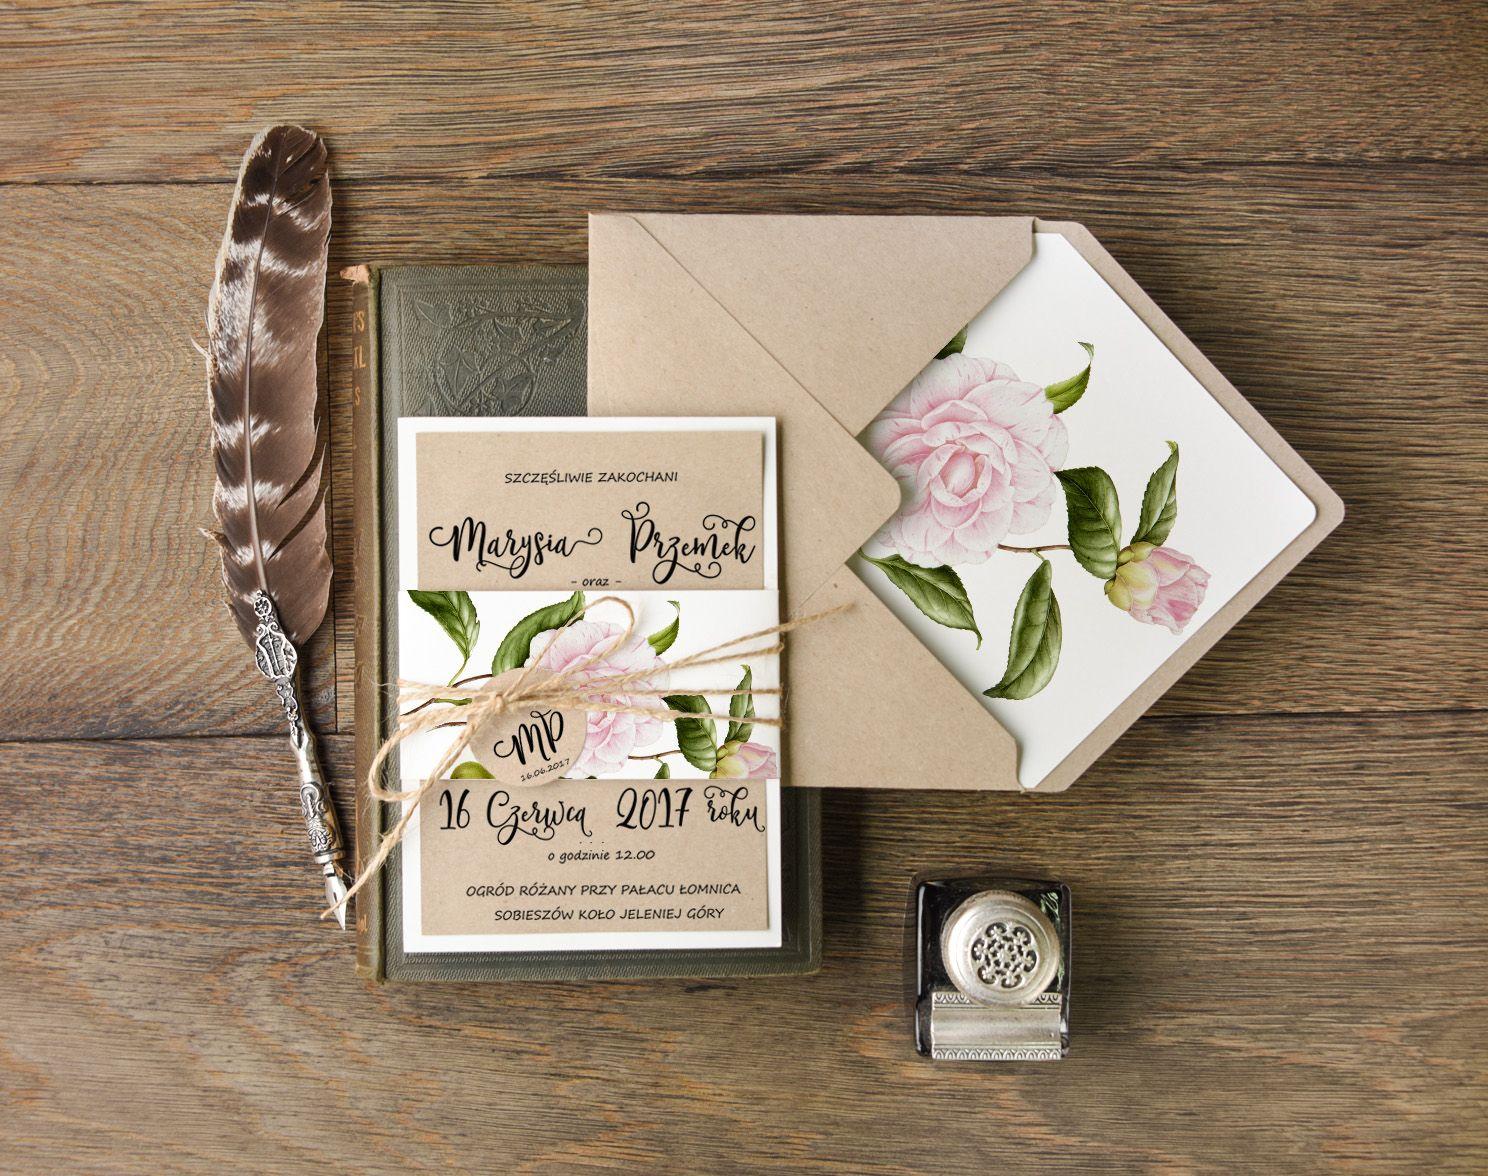 Zaproszenia ślubne Botaniczne 23botz Zaproszenia ślubne In 2019